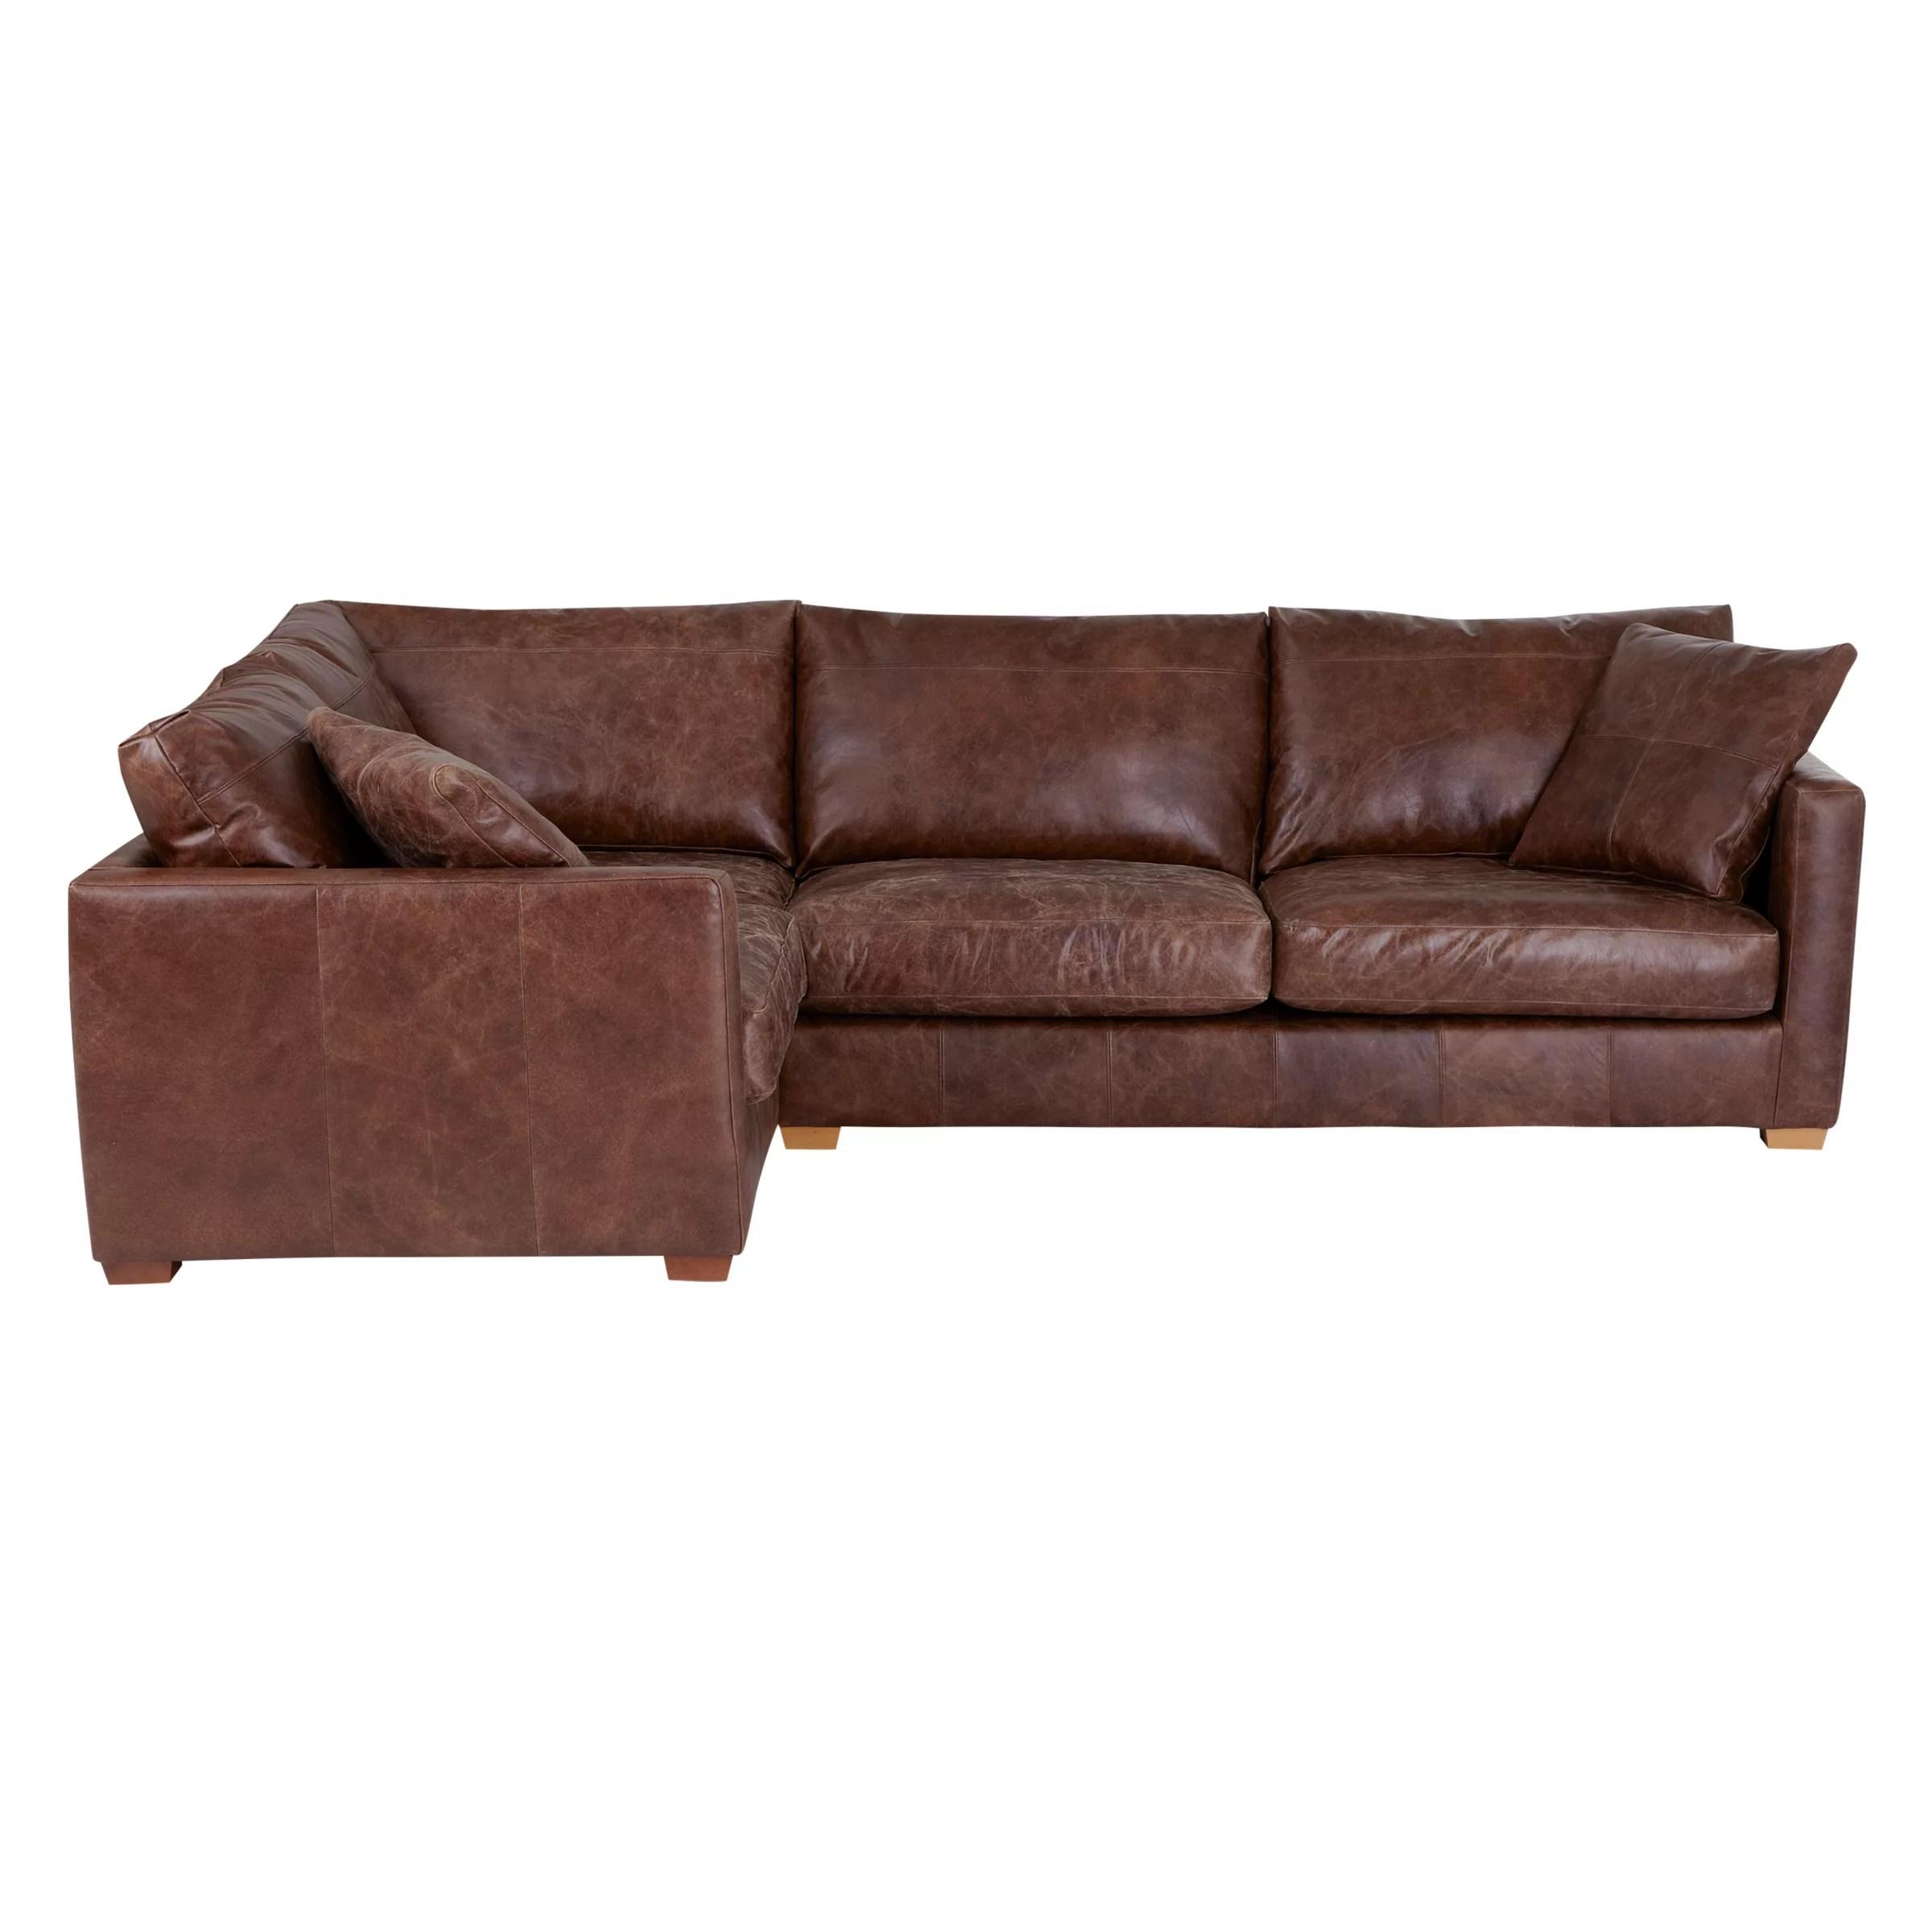 rialto sofa bed cigar nebraska furniture mart john lewis baxter lhf corner end leather bruno at buyjohn online johnlewis com